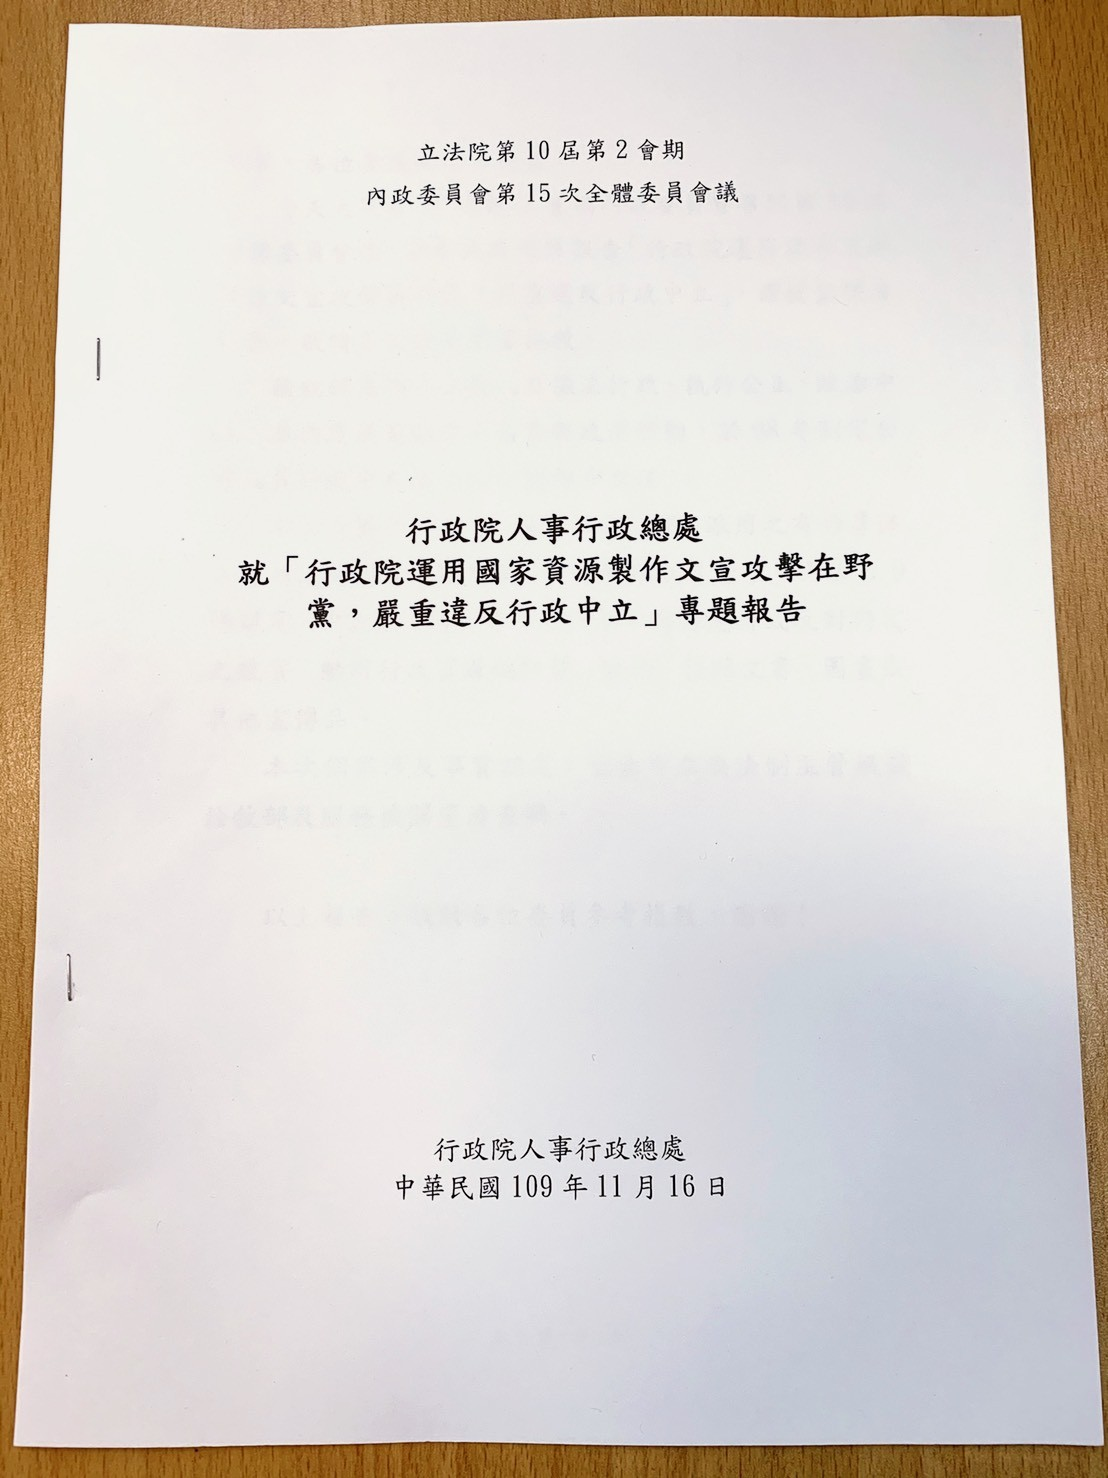 [新聞] 行政院「網軍事件」書面報告288字曝光...